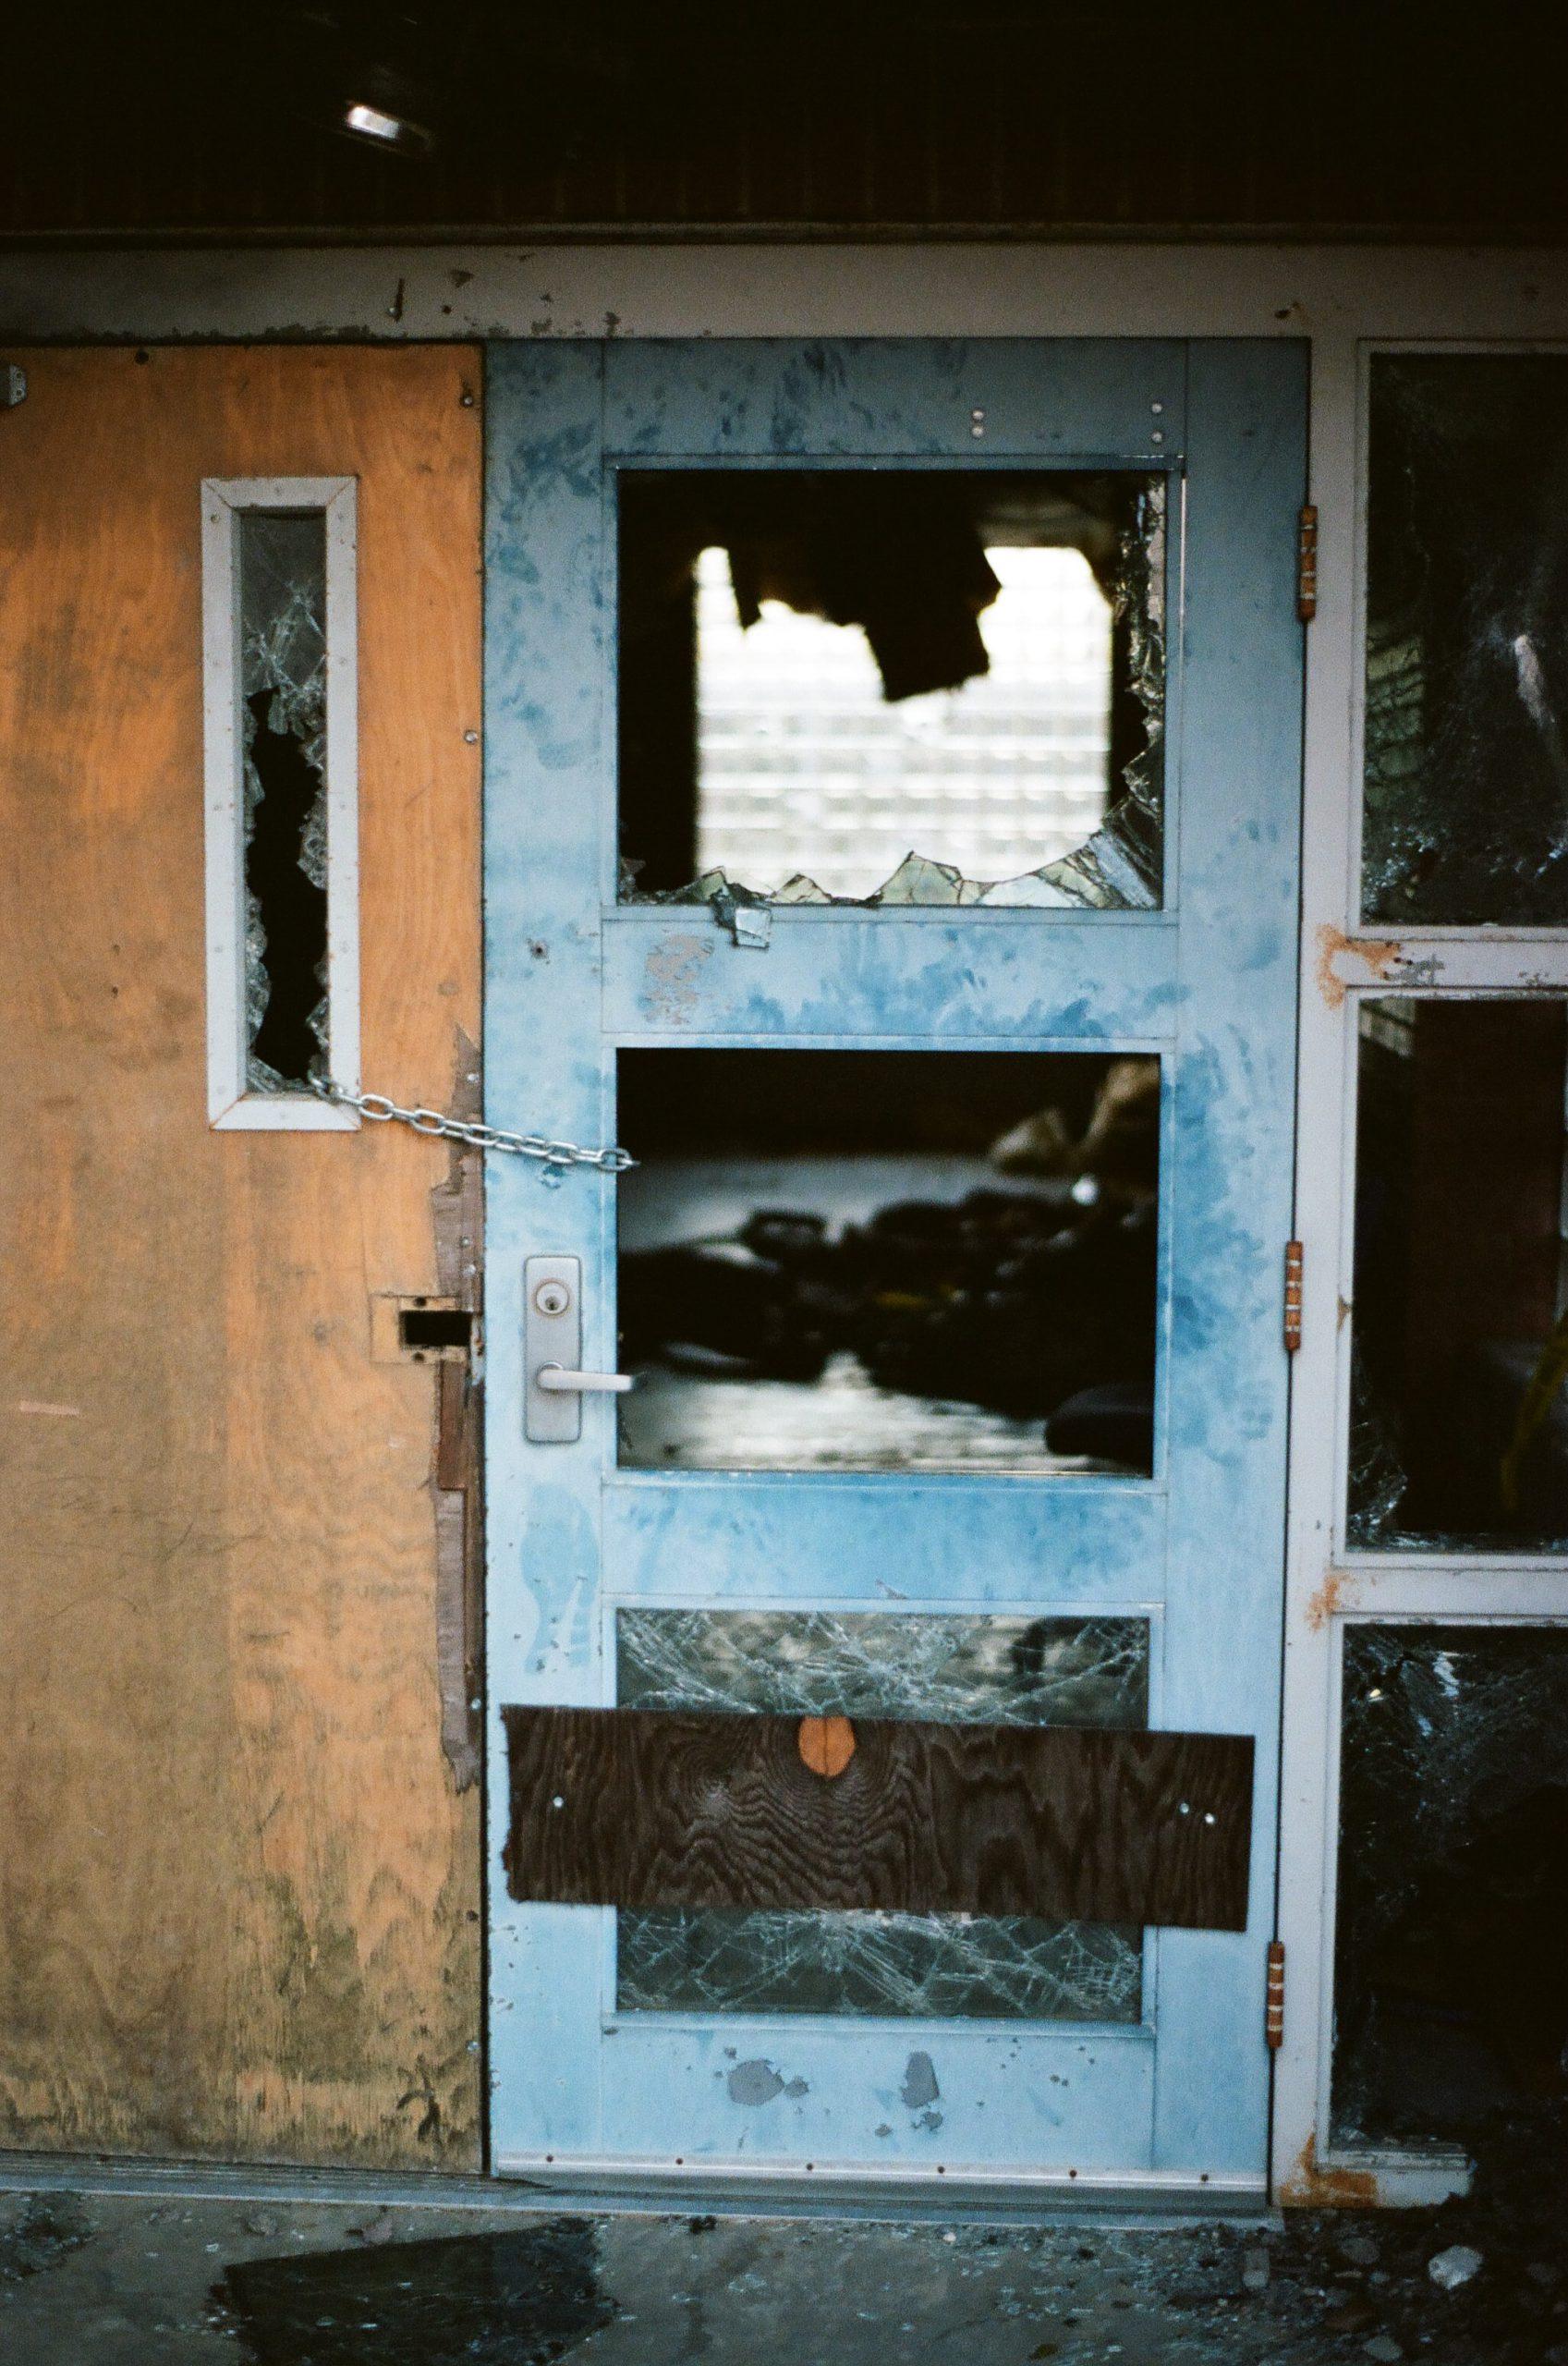 kapotte deur